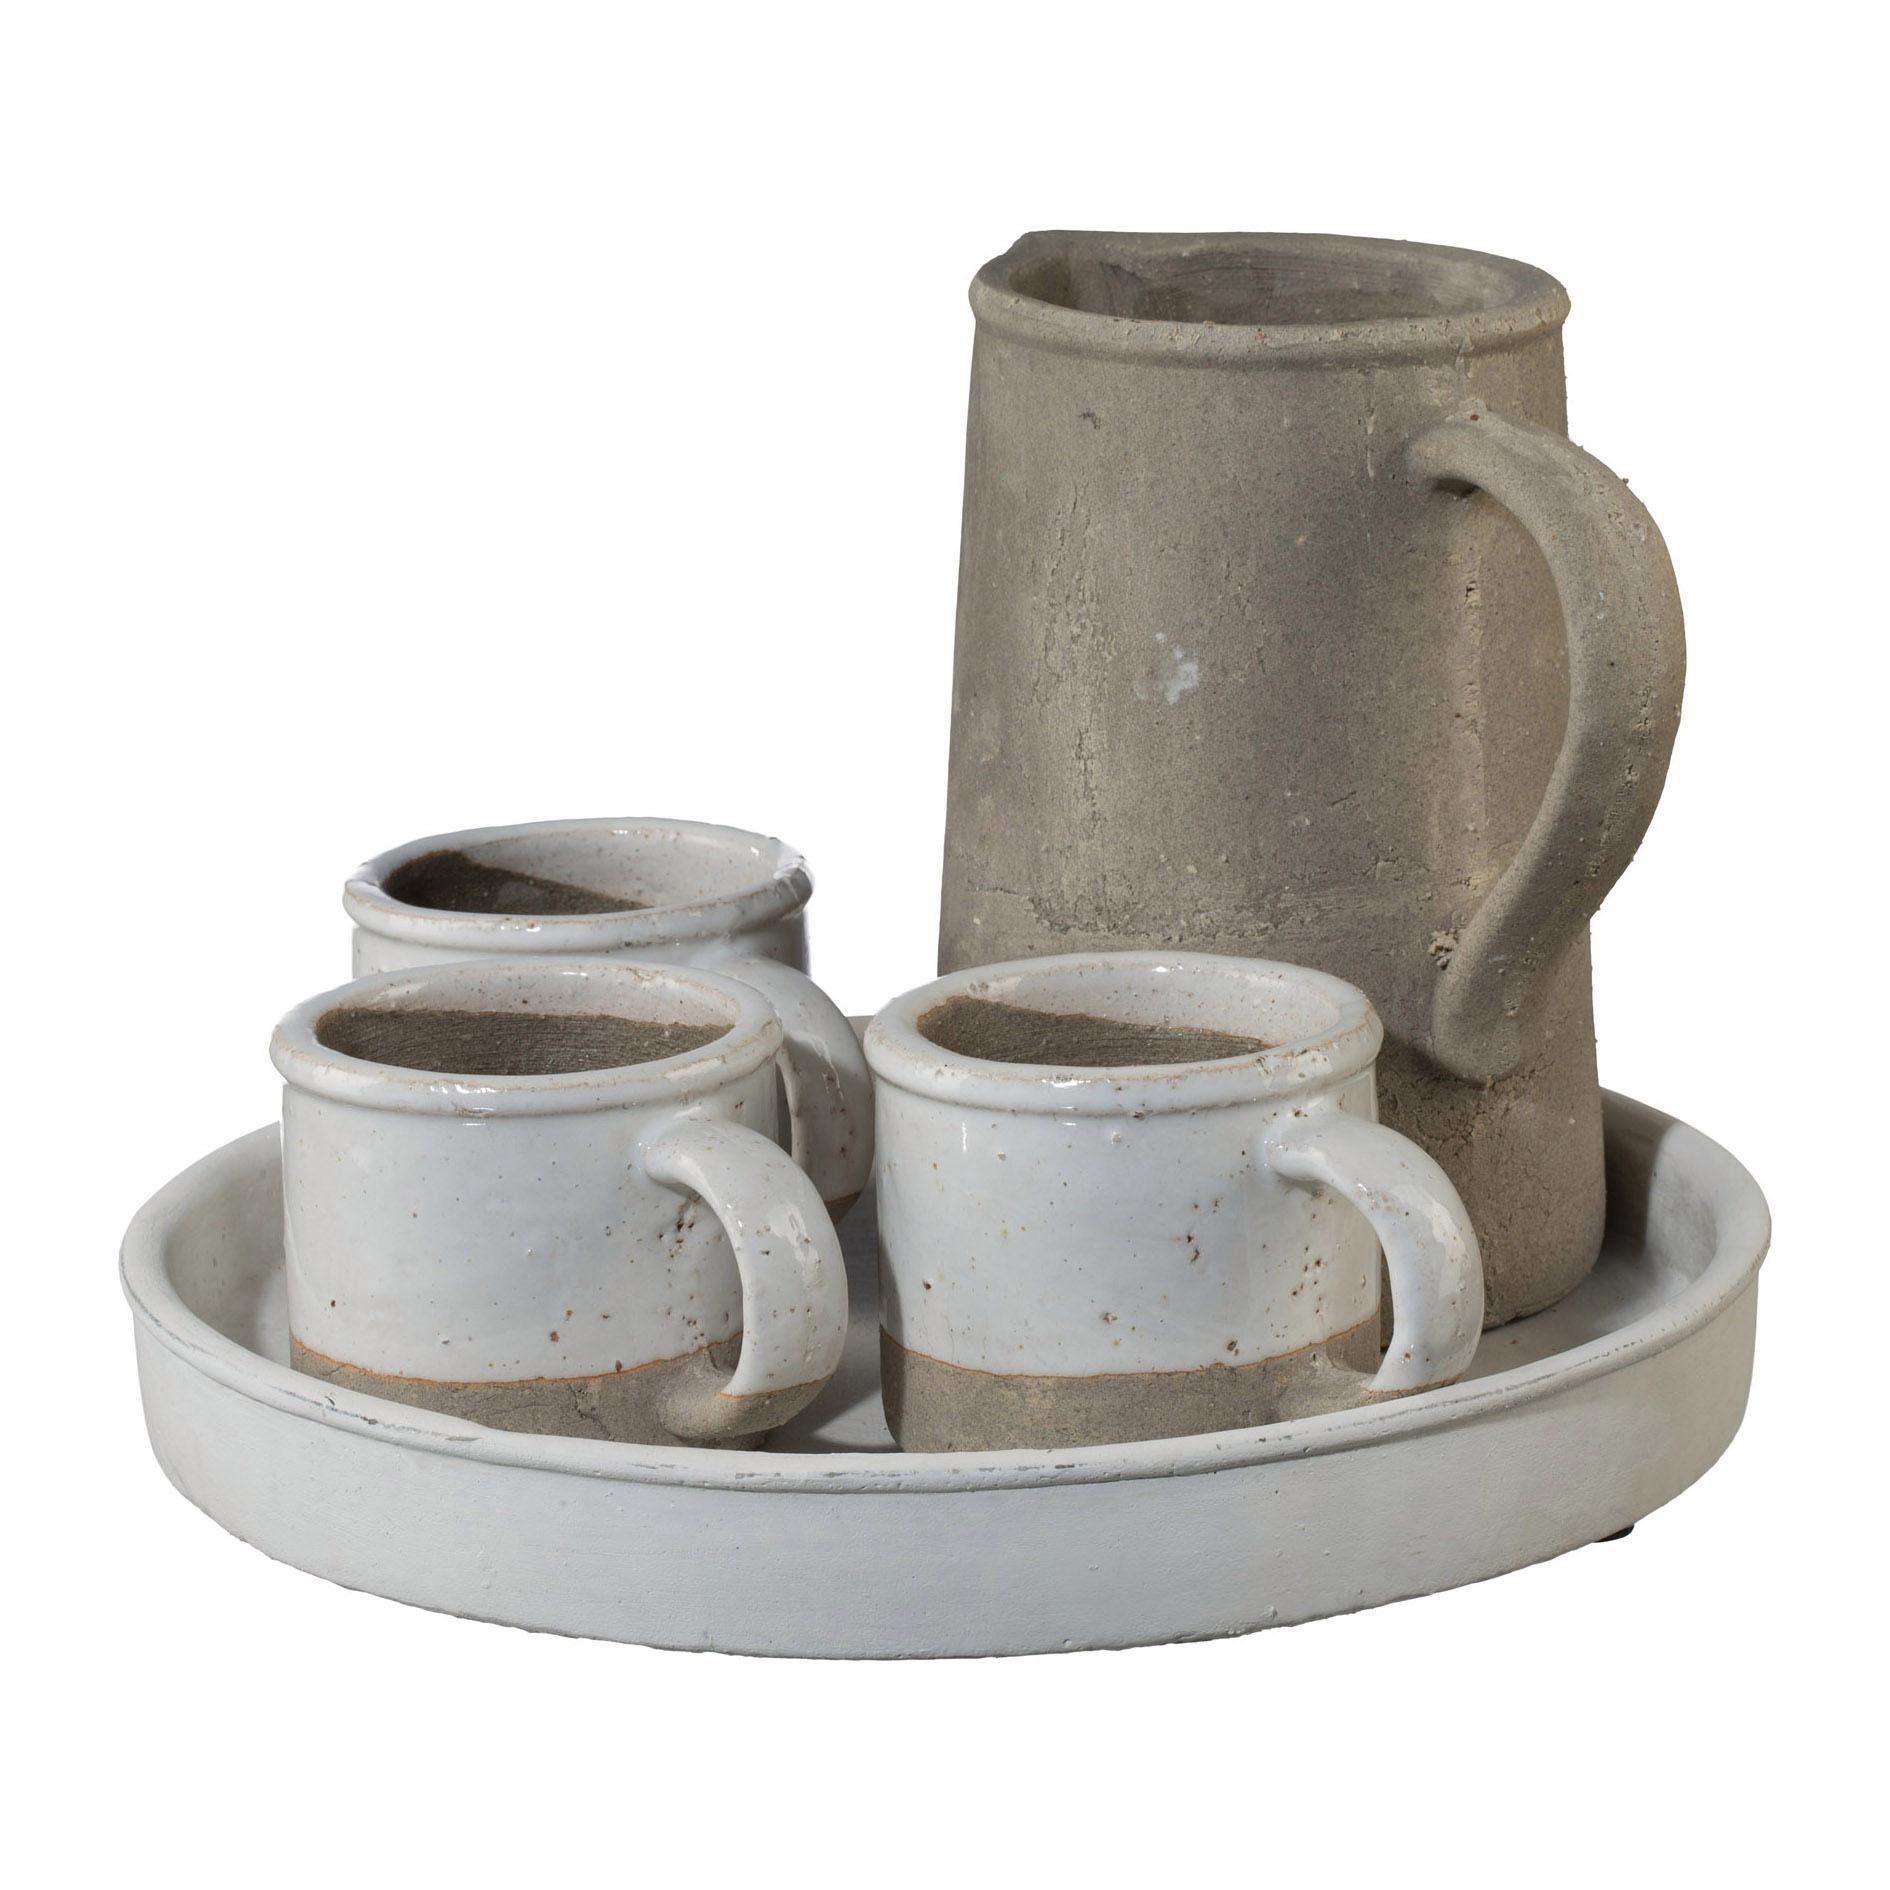 Keramik Outdoor Pflanzbecher x3 / Karaffe auf Tablett | Küche und Esszimmer > Besteck und Geschirr > Karaffen